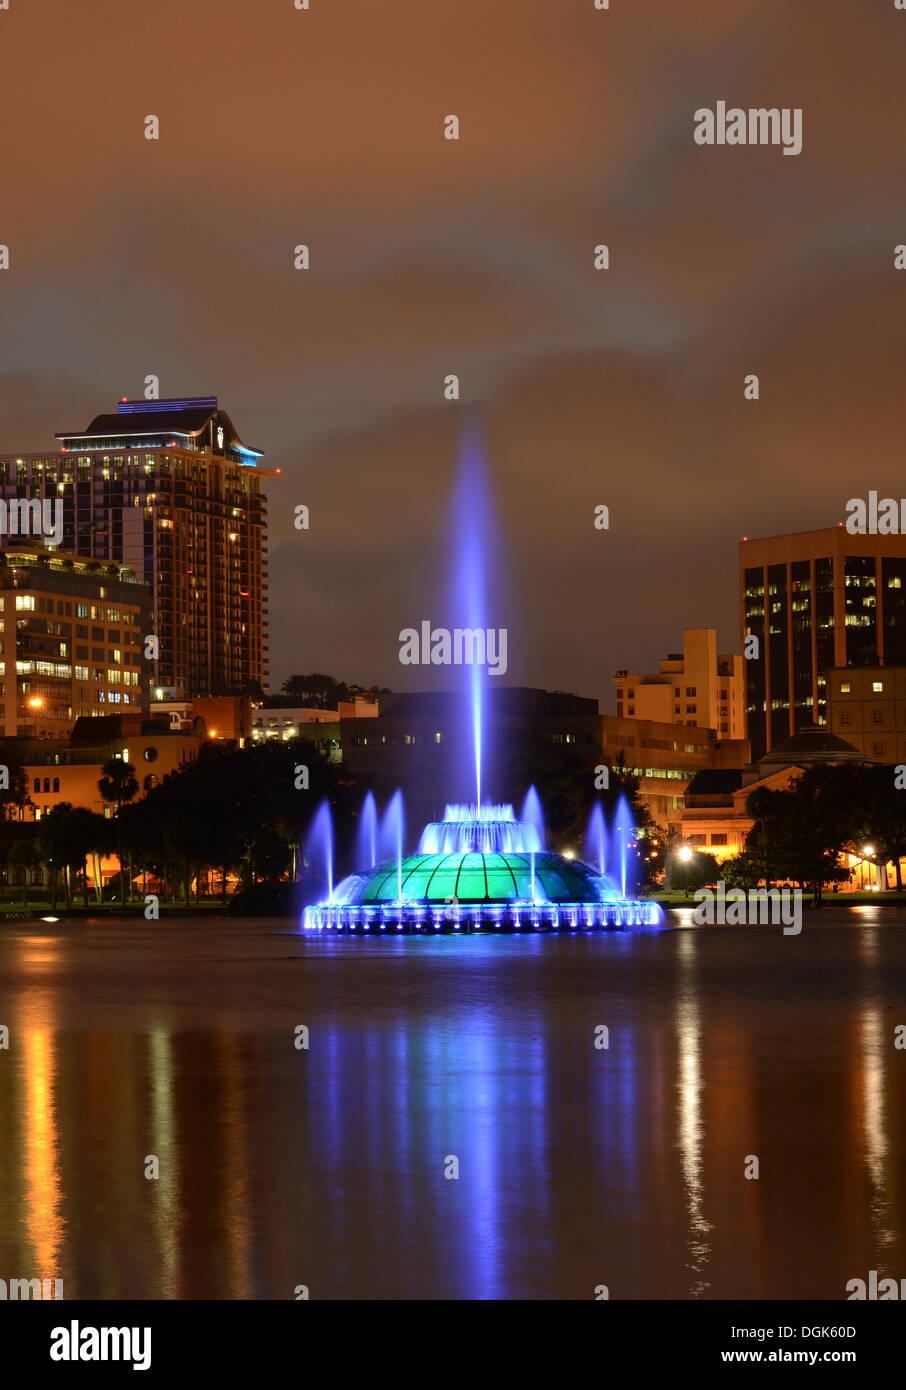 Lake Eola and fountain with Orlando, Florida skyline at dusk. - Stock Image